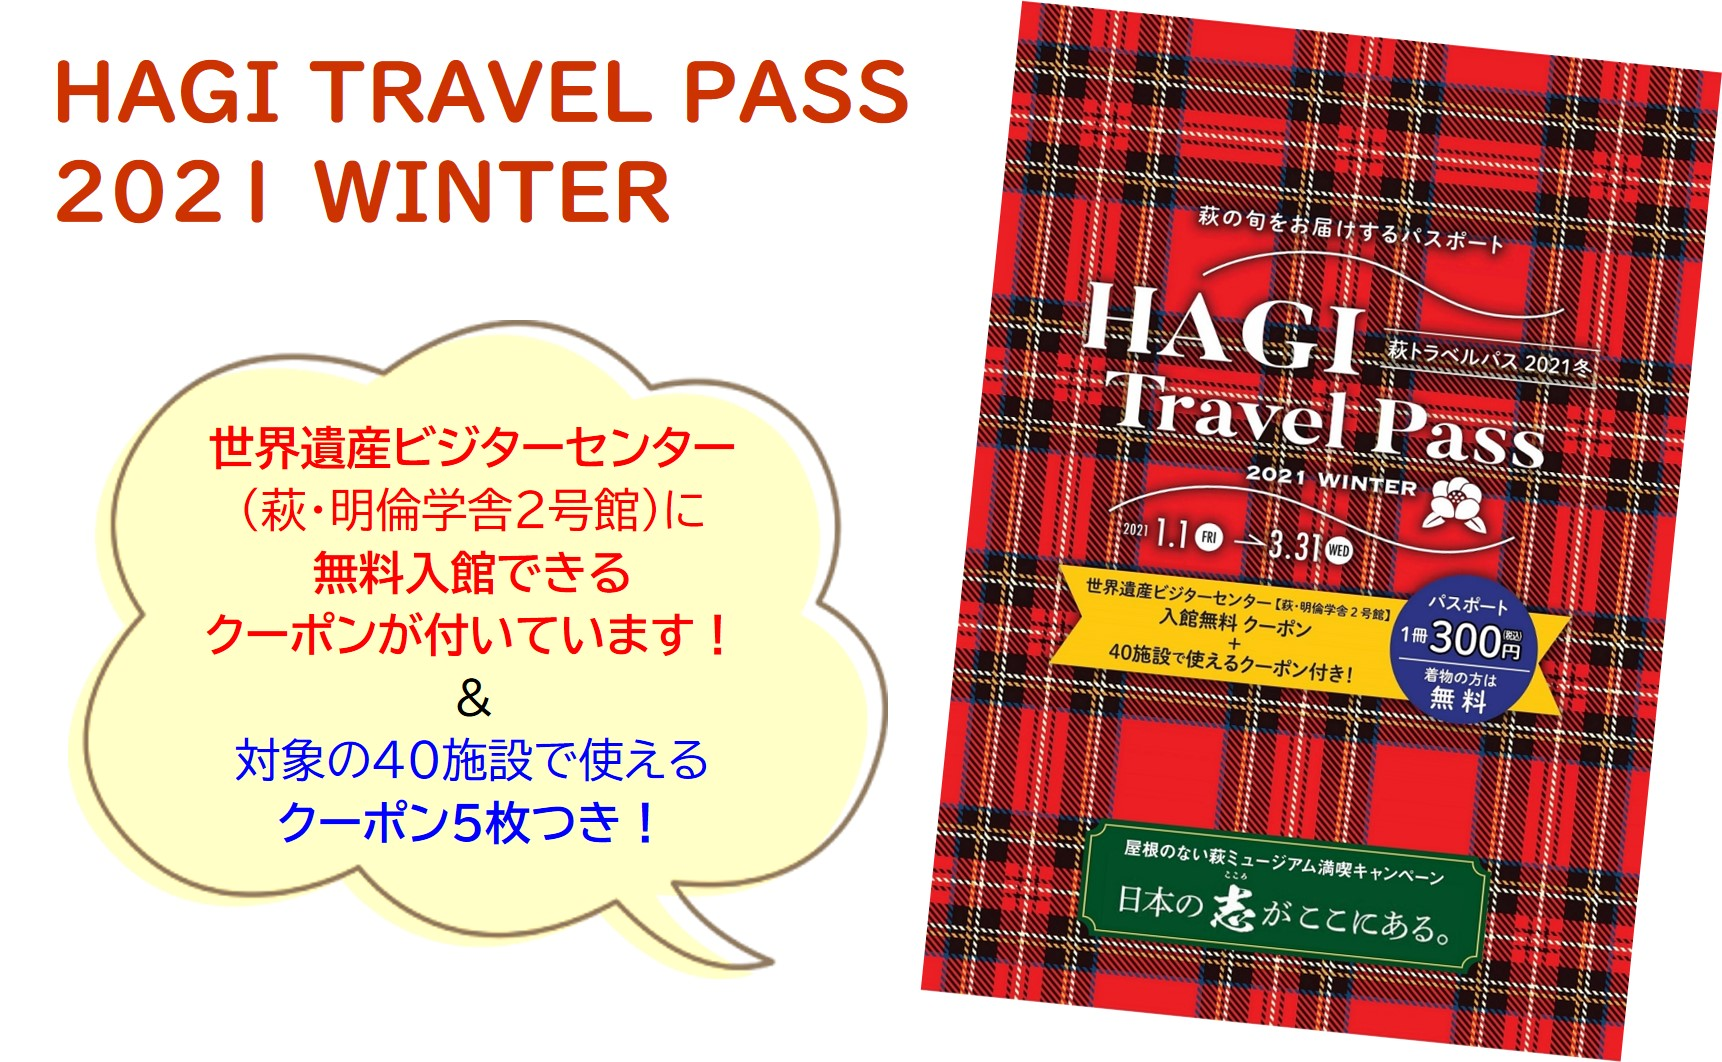 画像:お得なまち歩きクーポン「HAGI TRAVEL PASS 2021 WINTER」